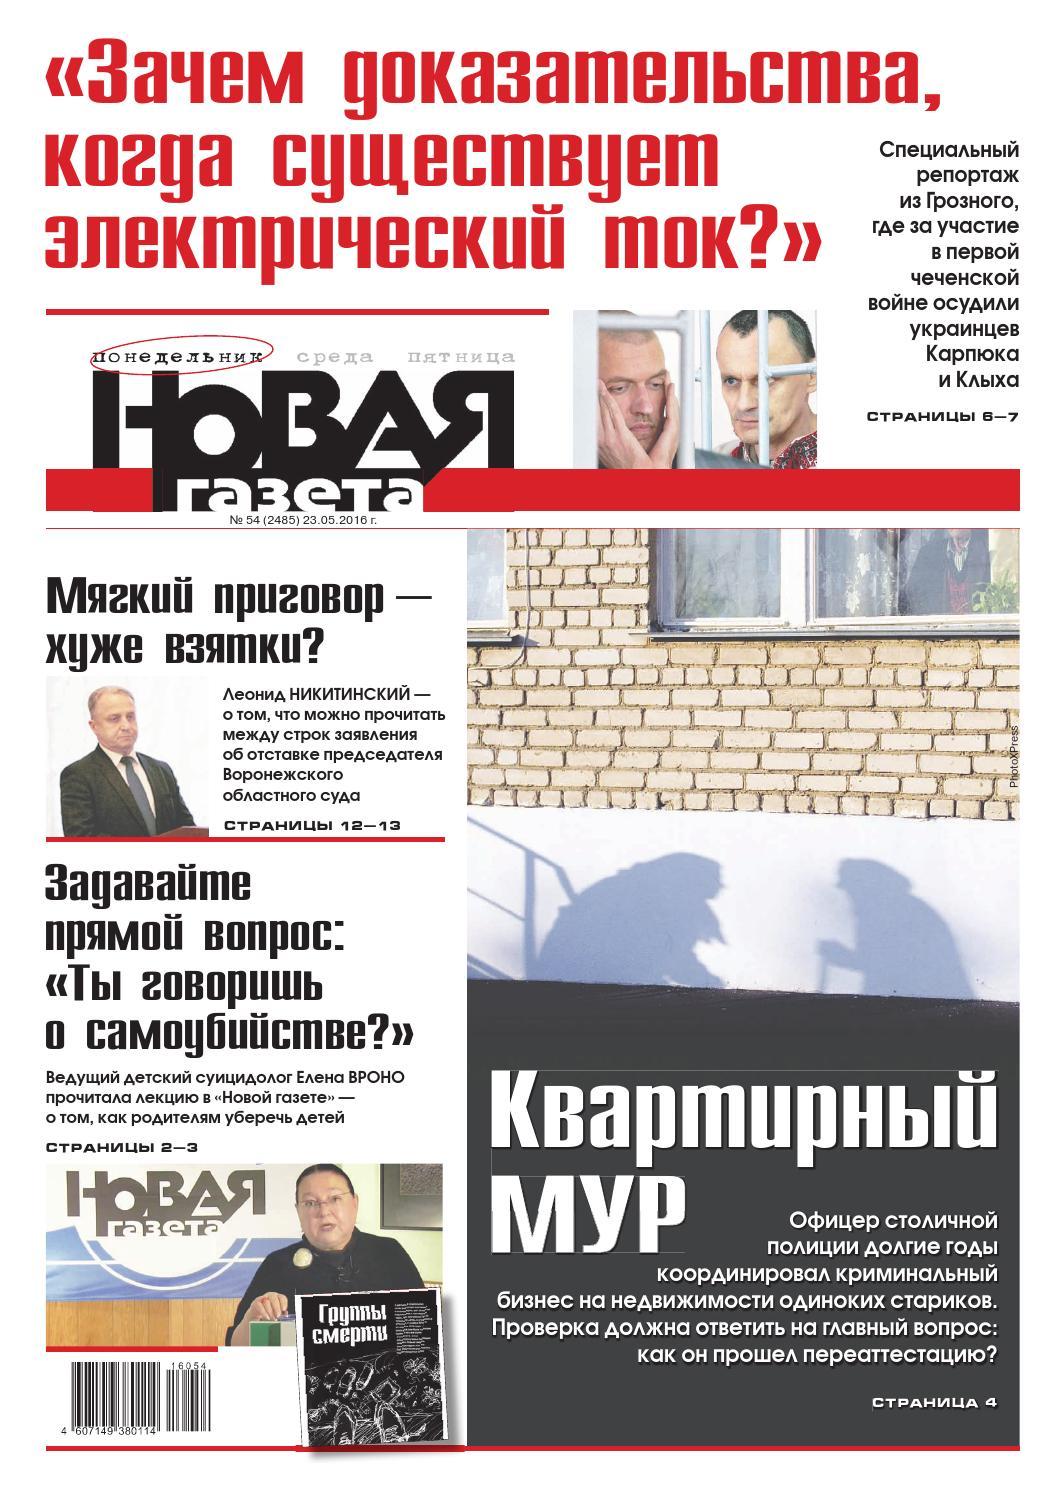 новая газета картинка своему уровню